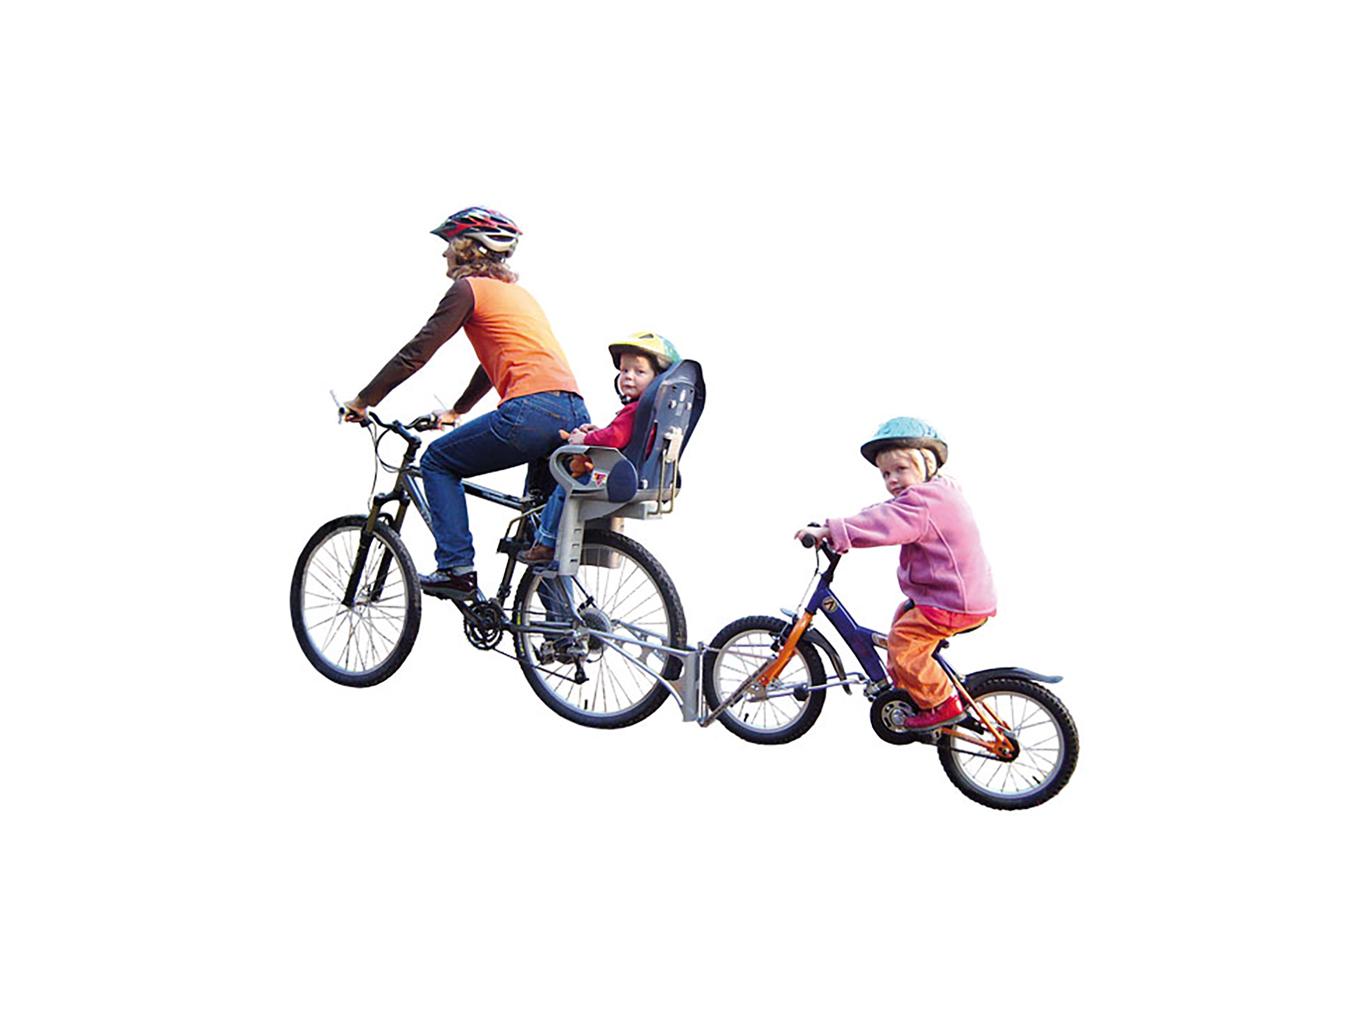 Bici E Accessori Per Piccoli Ciclisti Quali Usare Happy To Be Here